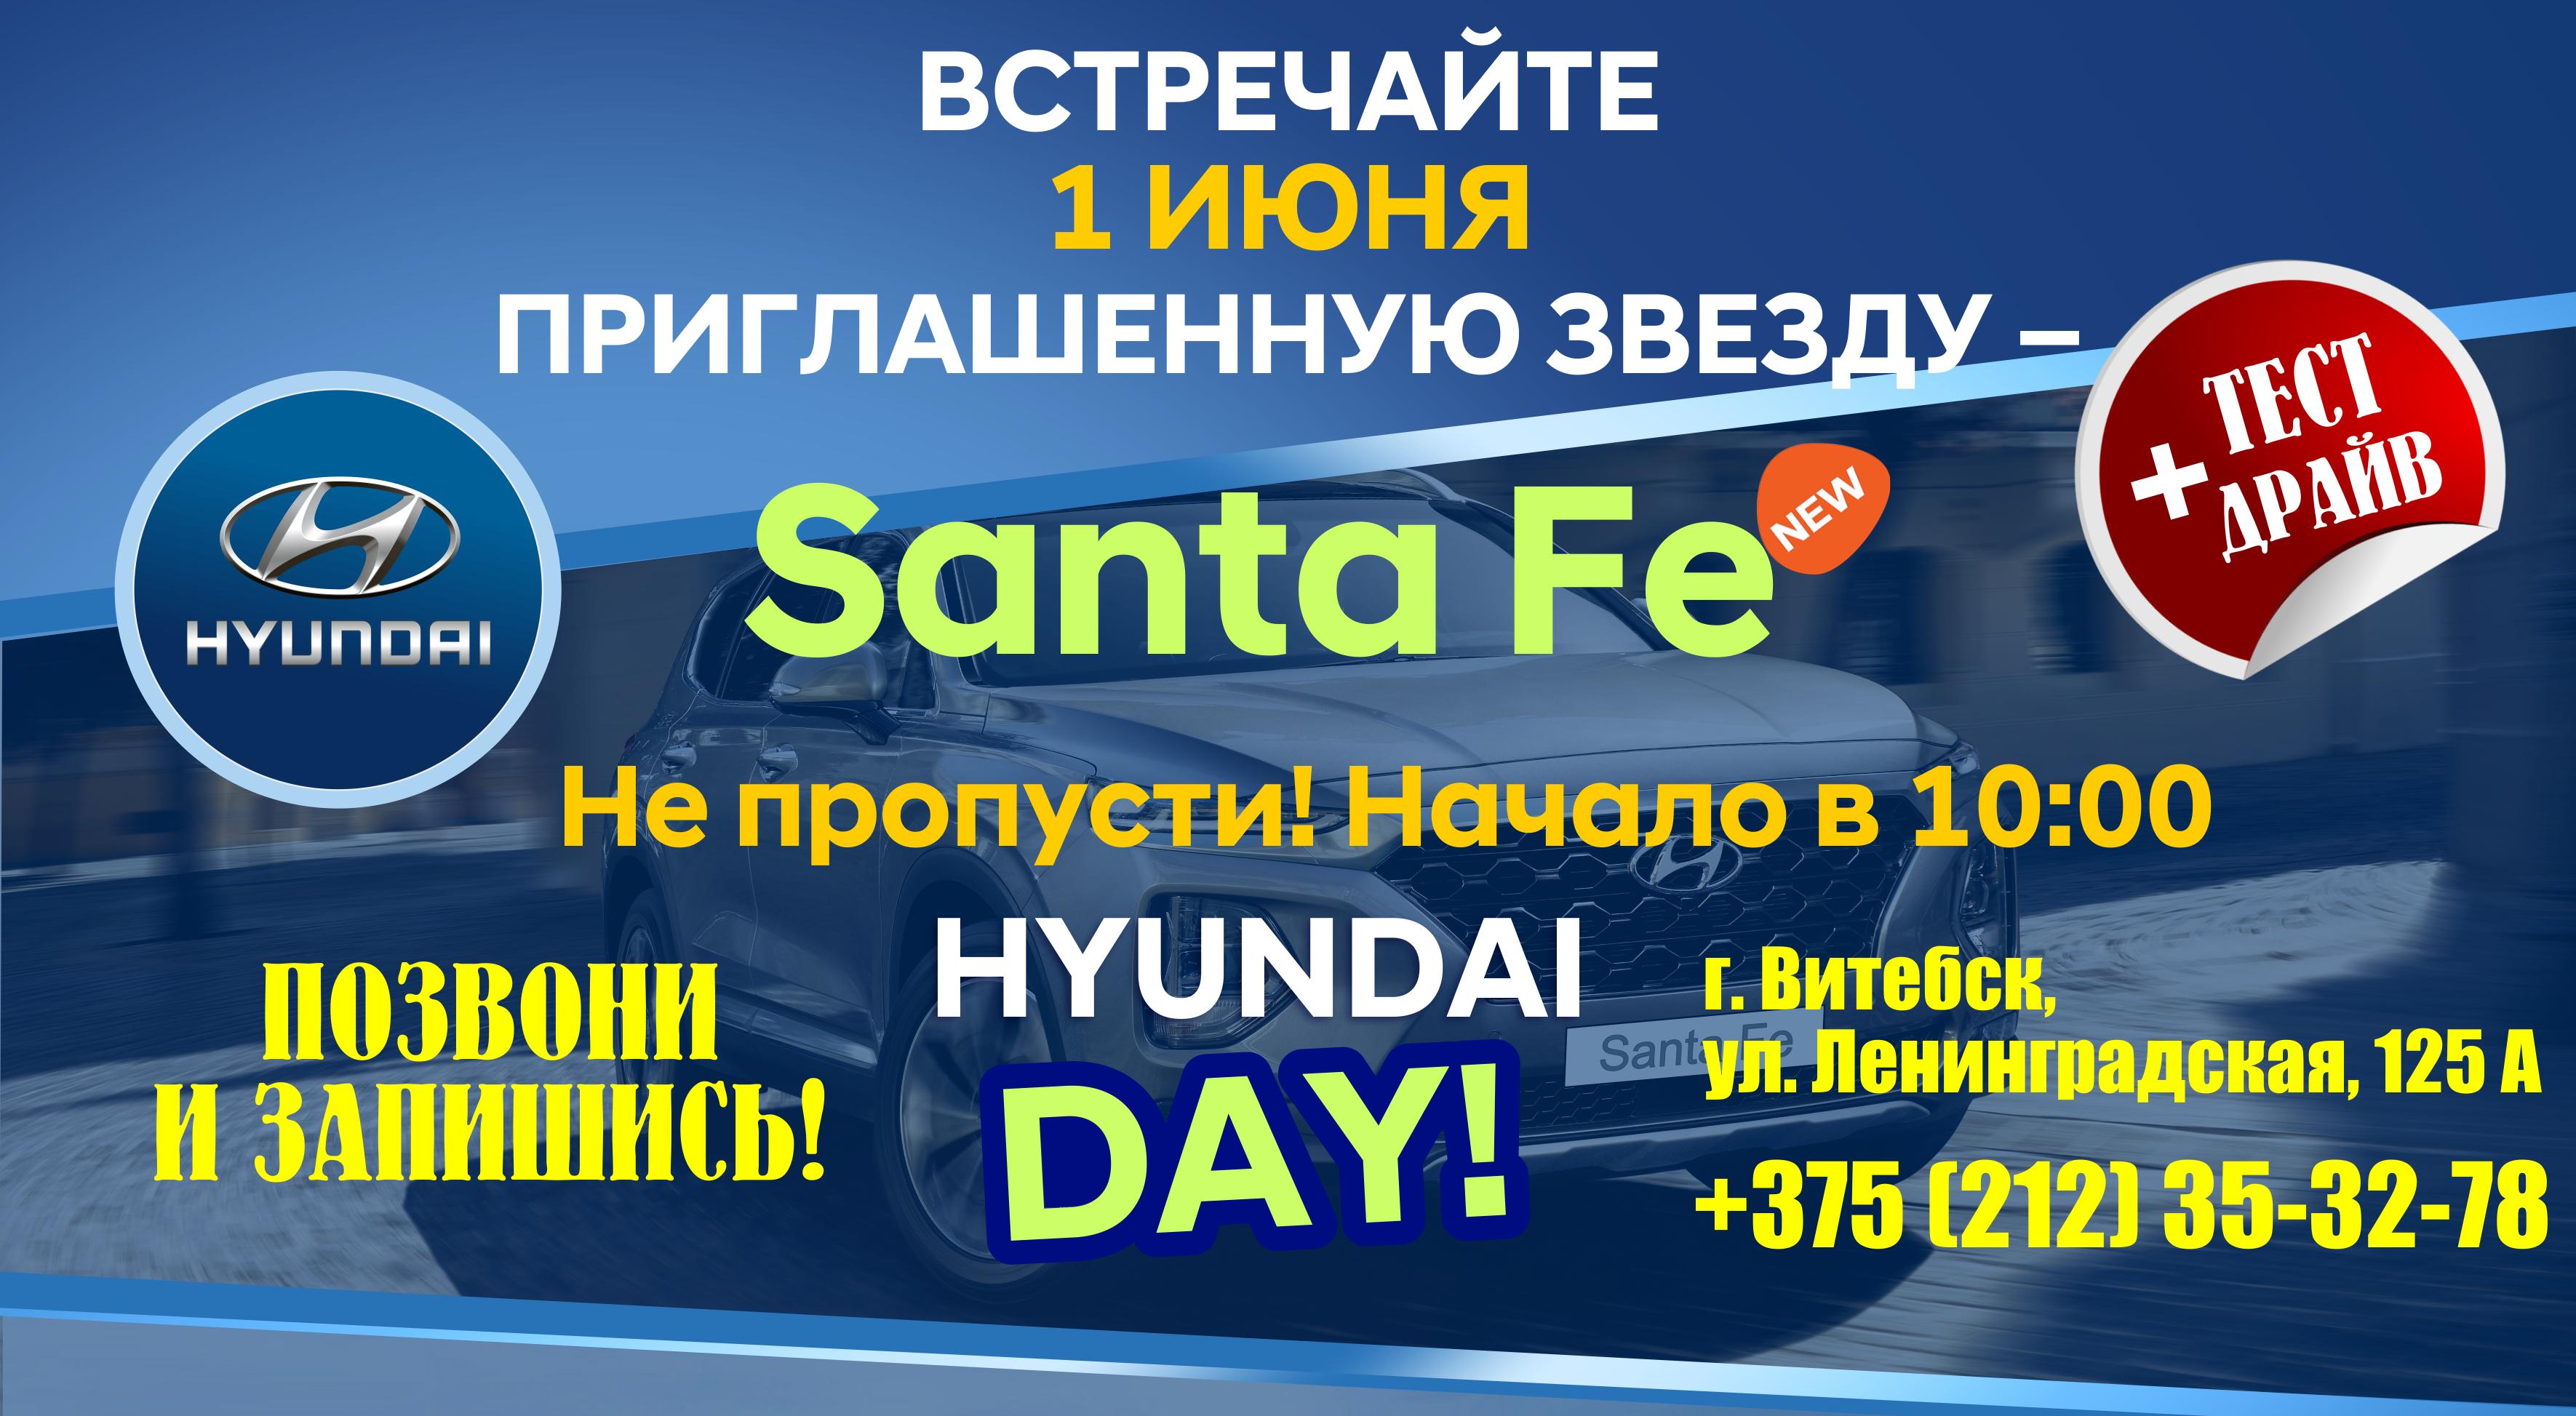 1 июня Hyundai DAY в Витебске! Creta. Accent и новый Santa Fe ждут Вас.